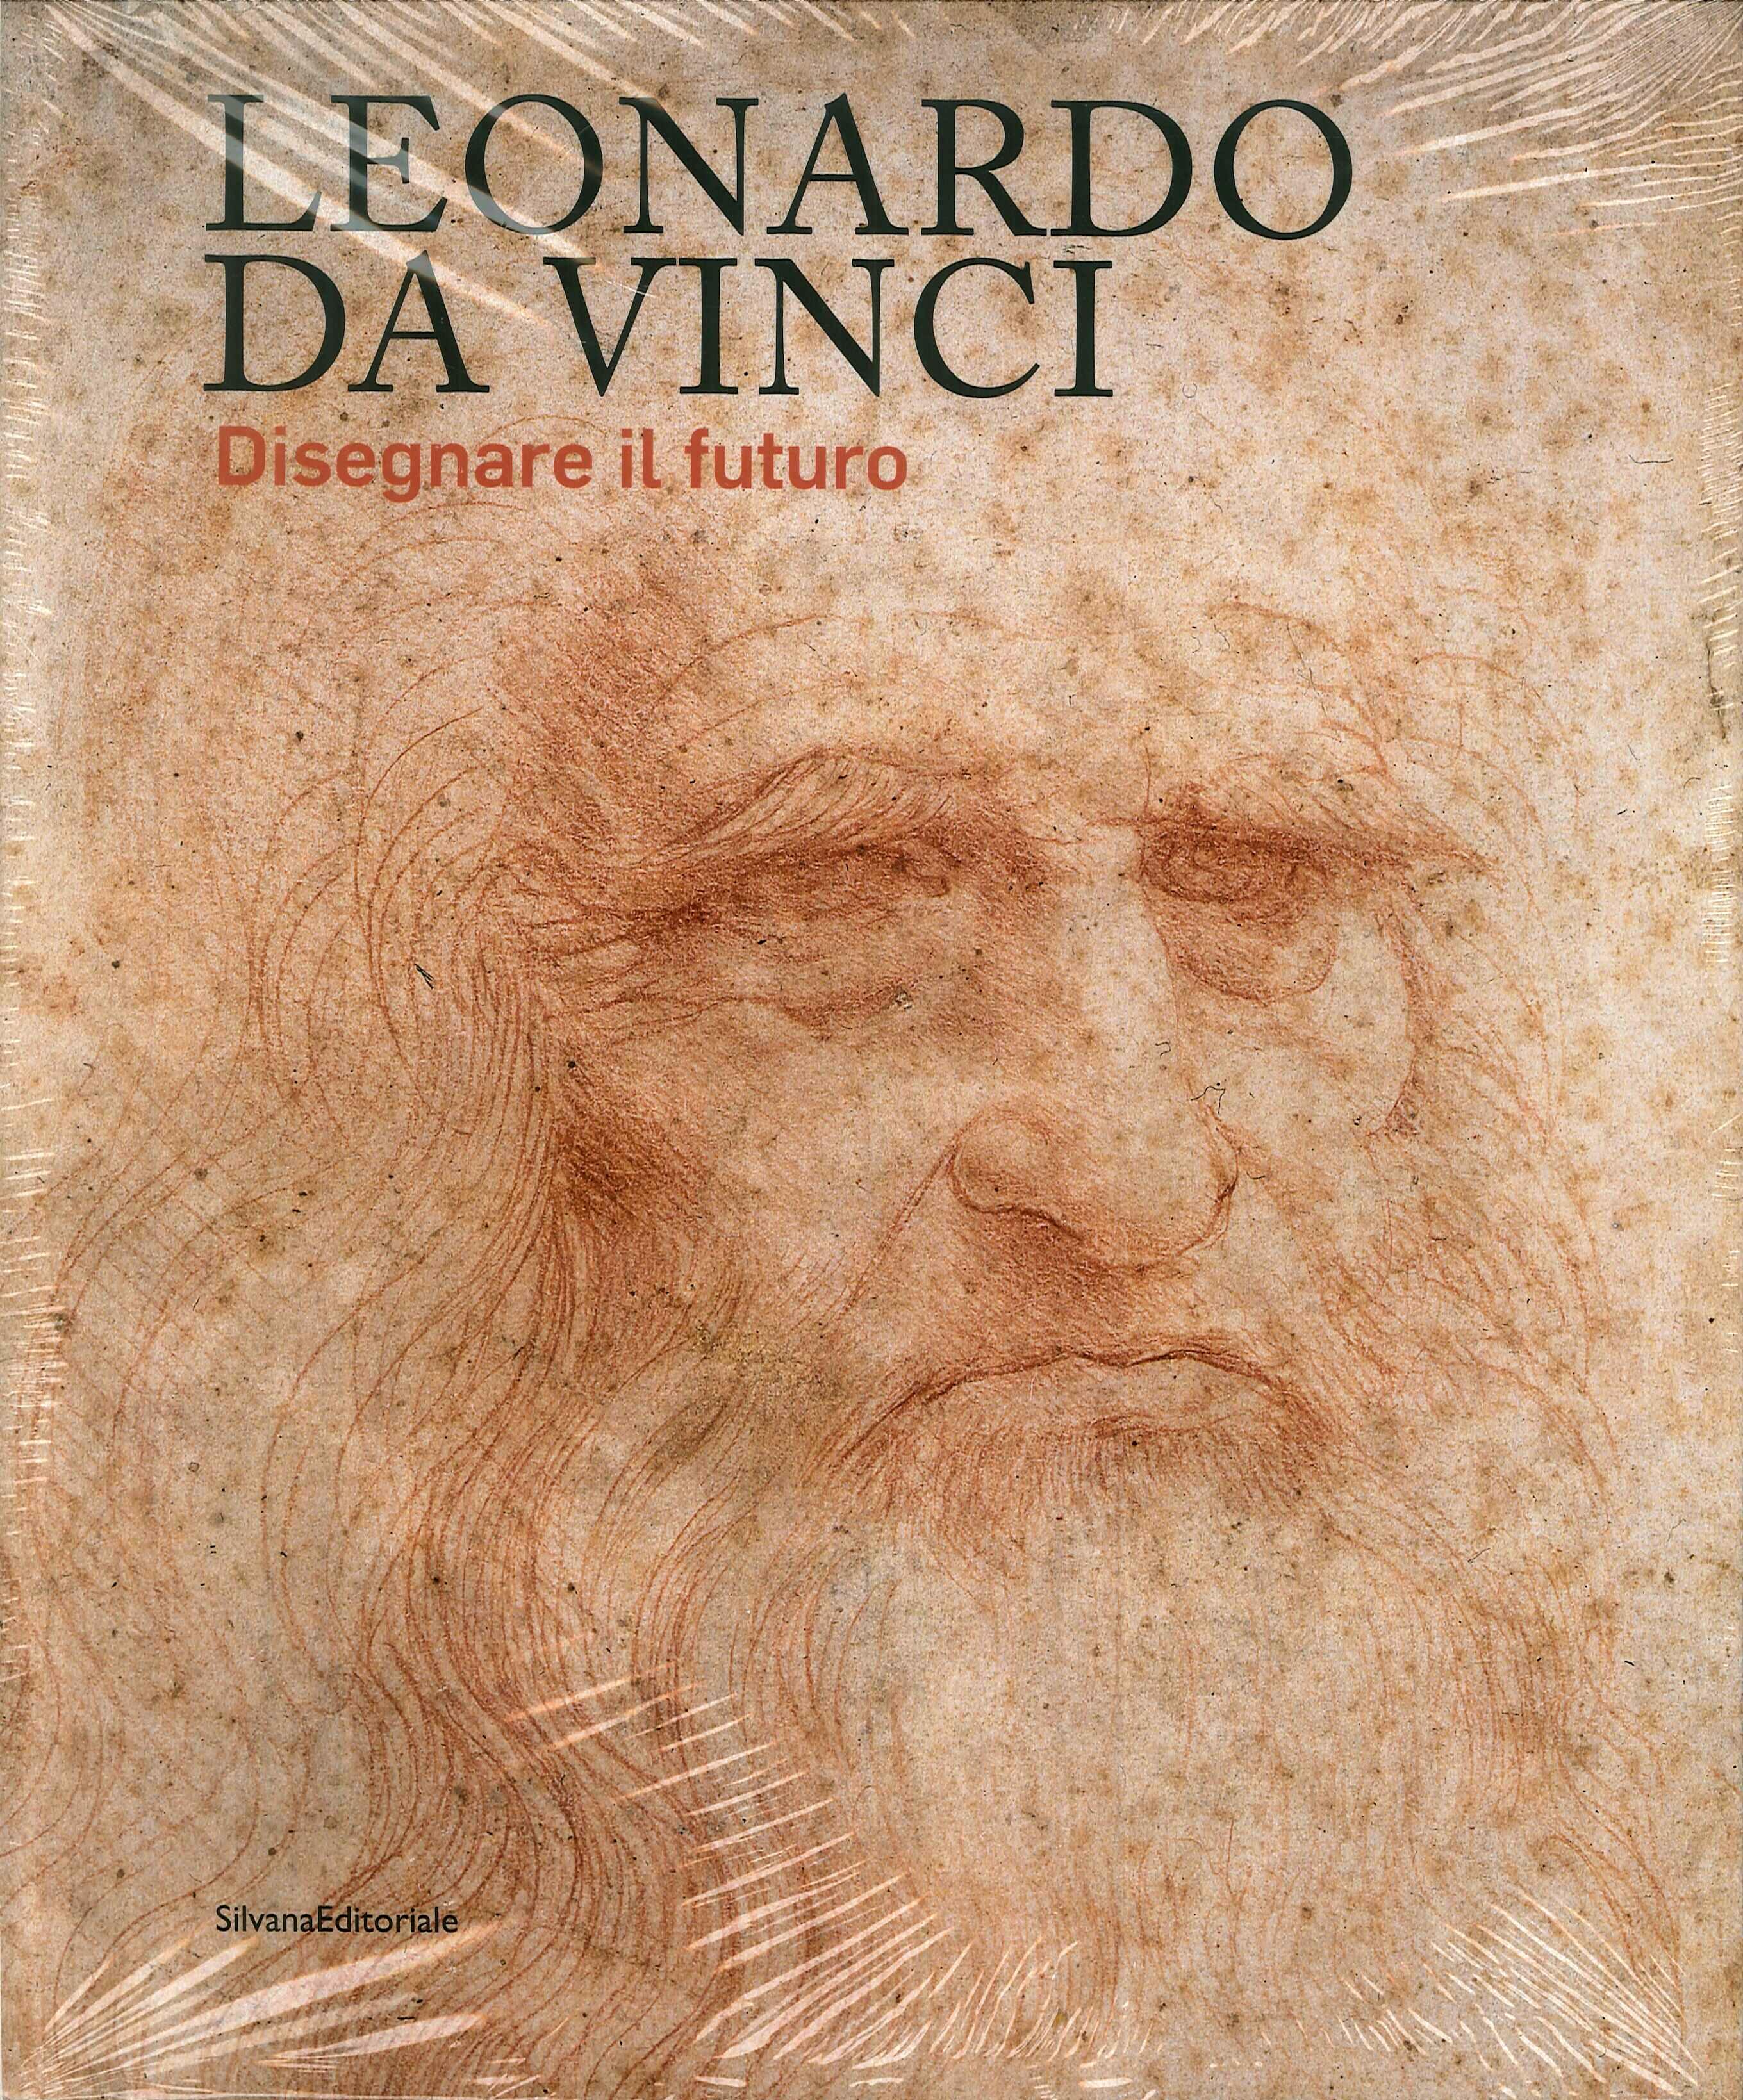 Leonardo da Vinci. Disegnare il futuro.